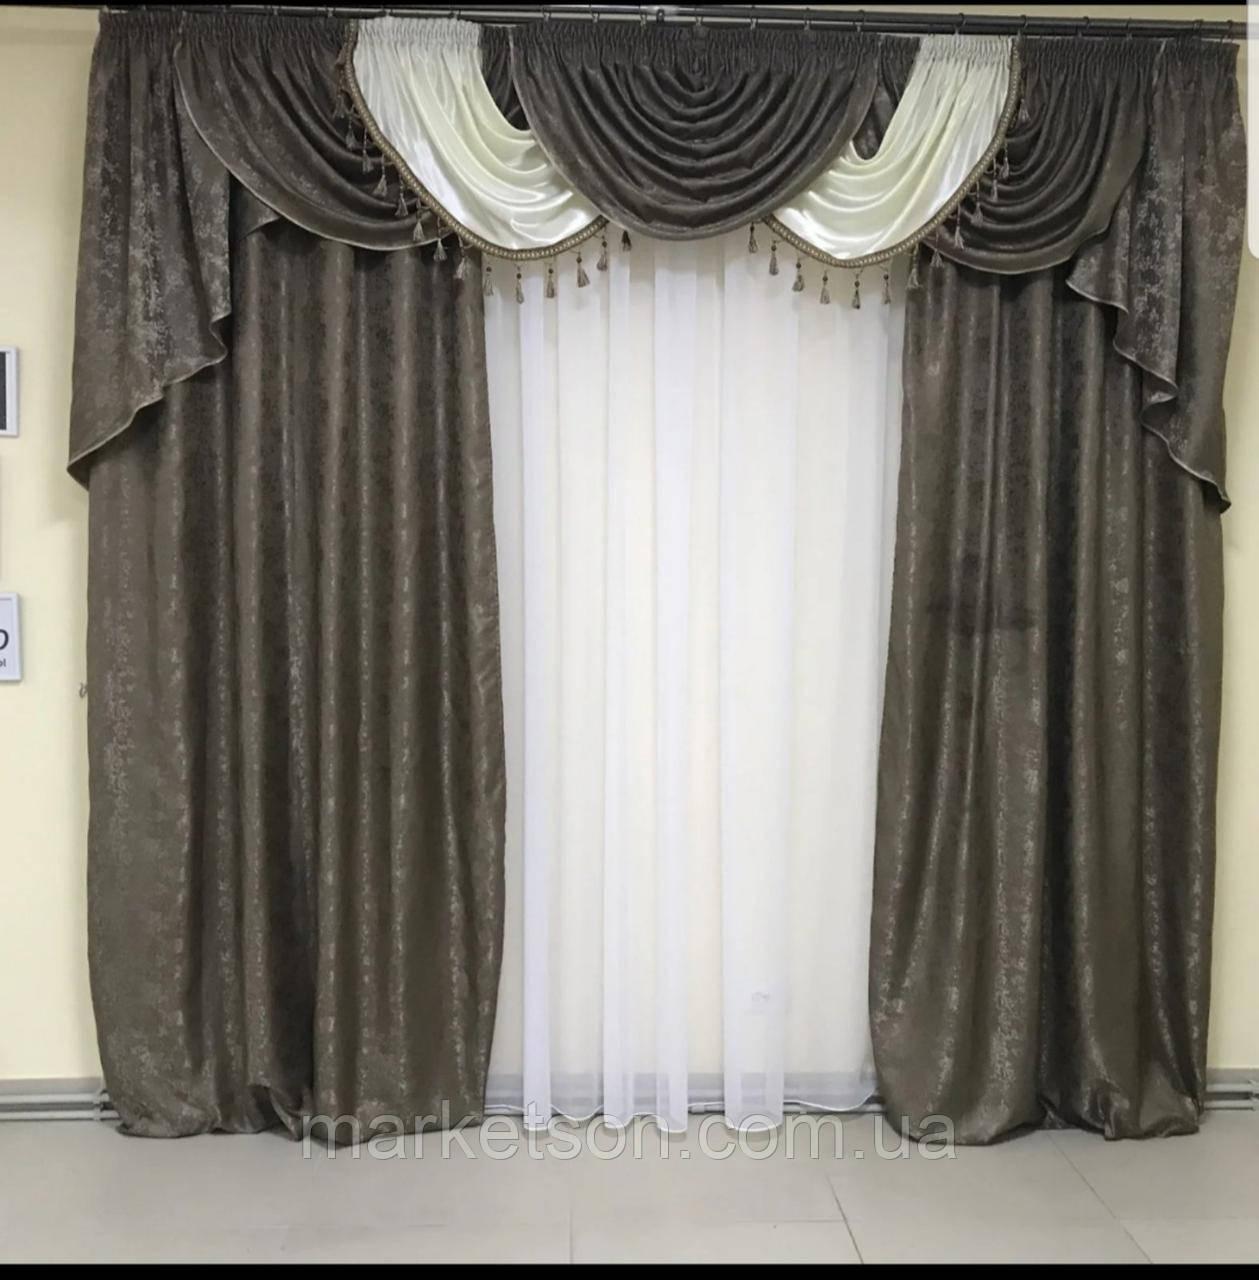 Готовые шторы с ламбрекеном для гостинной.Много цветов.